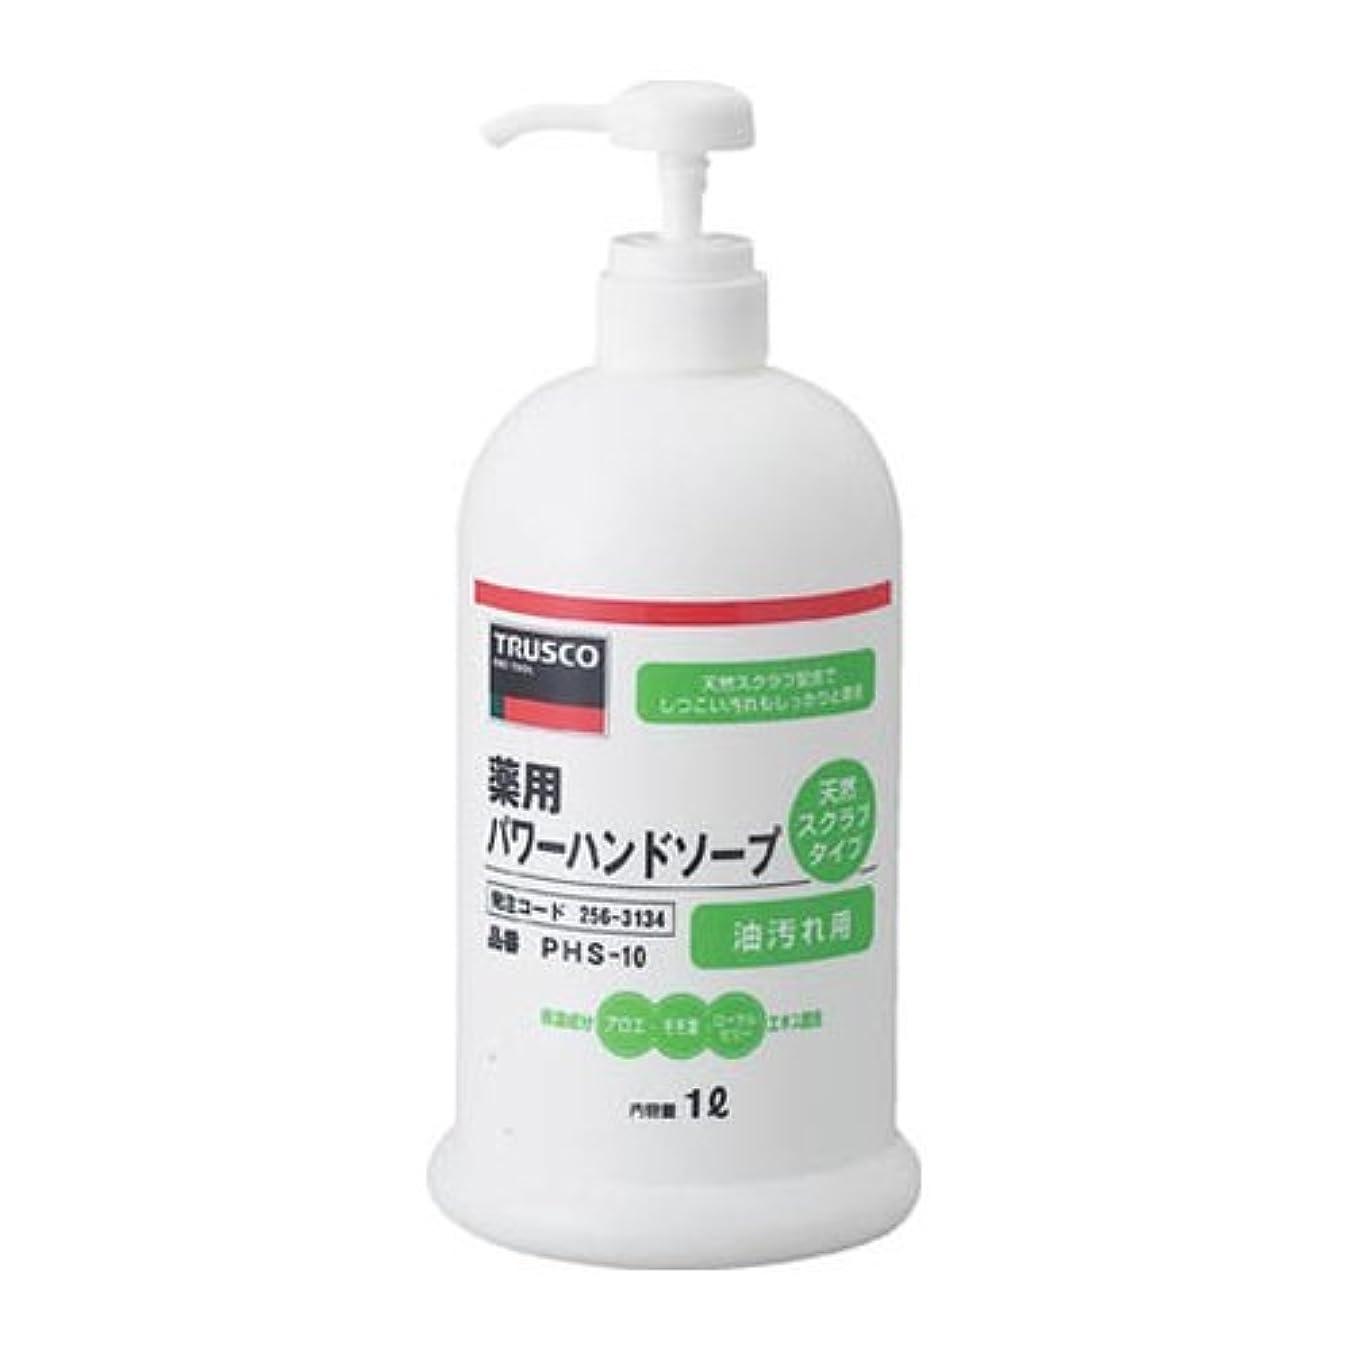 安定ナサニエル区水分TRUSCO 薬用パワーハンドソープポンプボトル1.0L